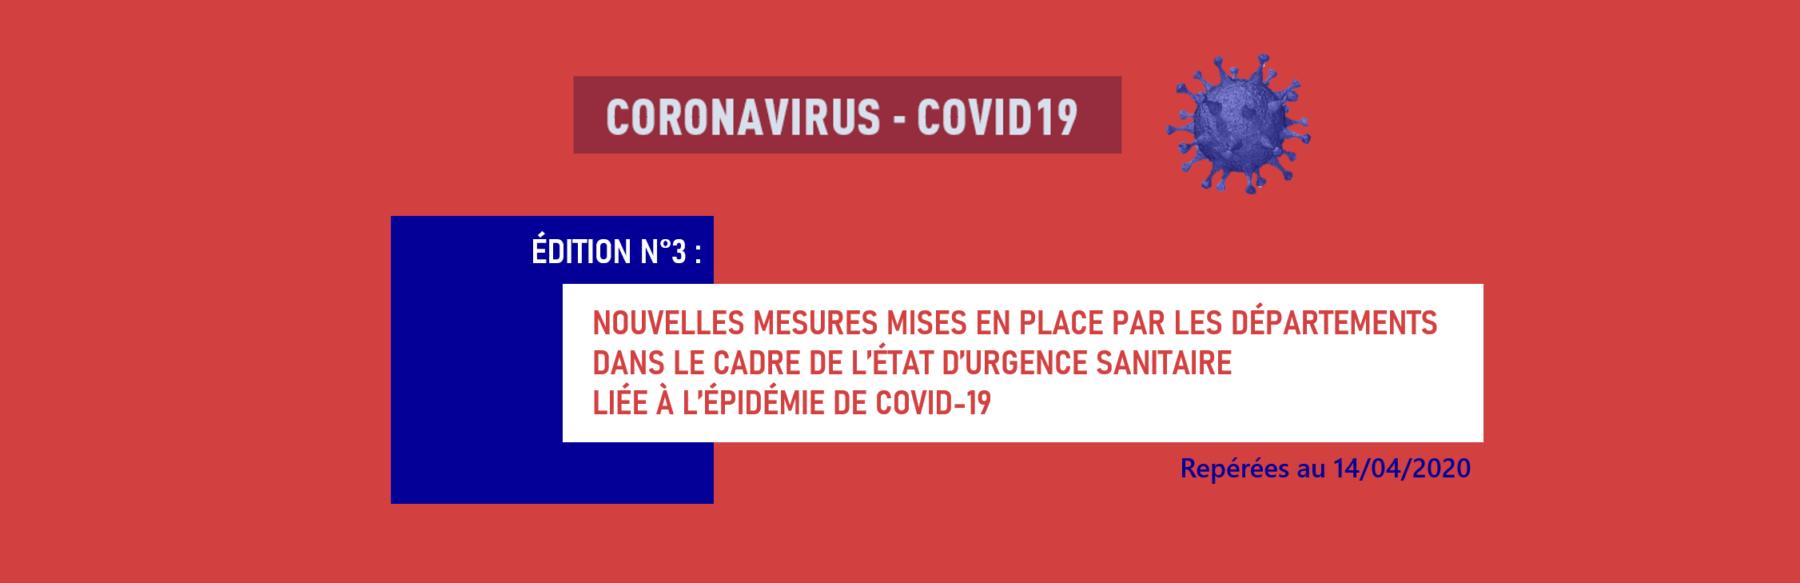 Edition n°3 : Les nouvelles mesures mises en place par les Départements dans le cadre de l'état d'urgence sanitaire liée à l'épidémie de covid-19